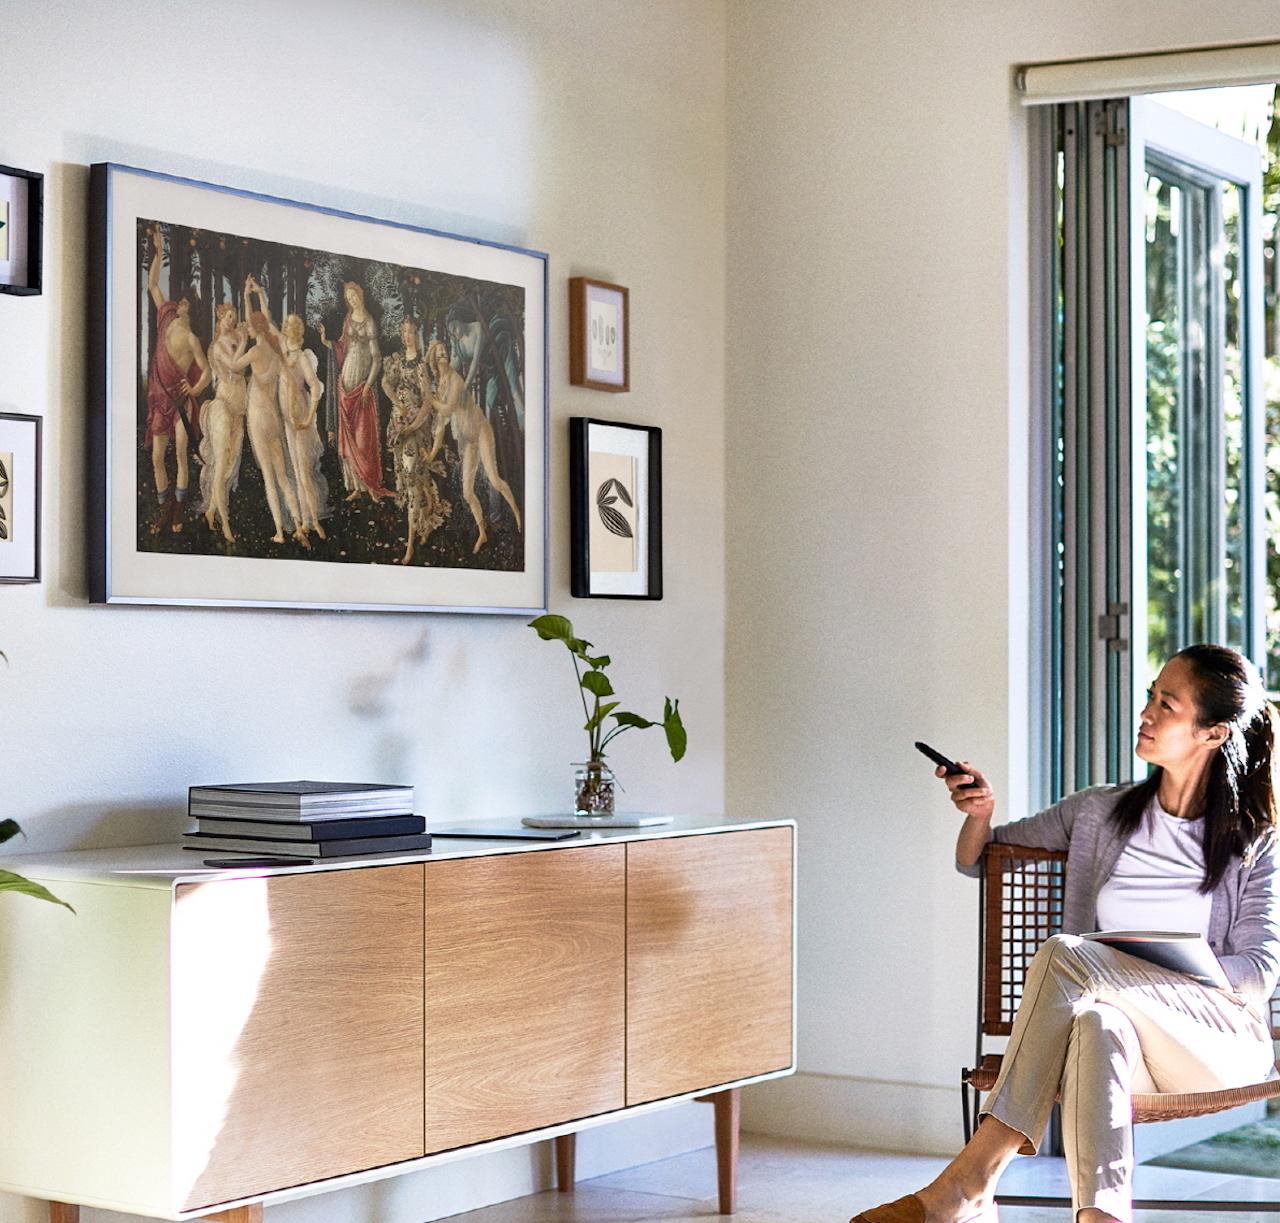 Įjungtas – įprastas televizorius, išjungtas – tikras meno kūrinys